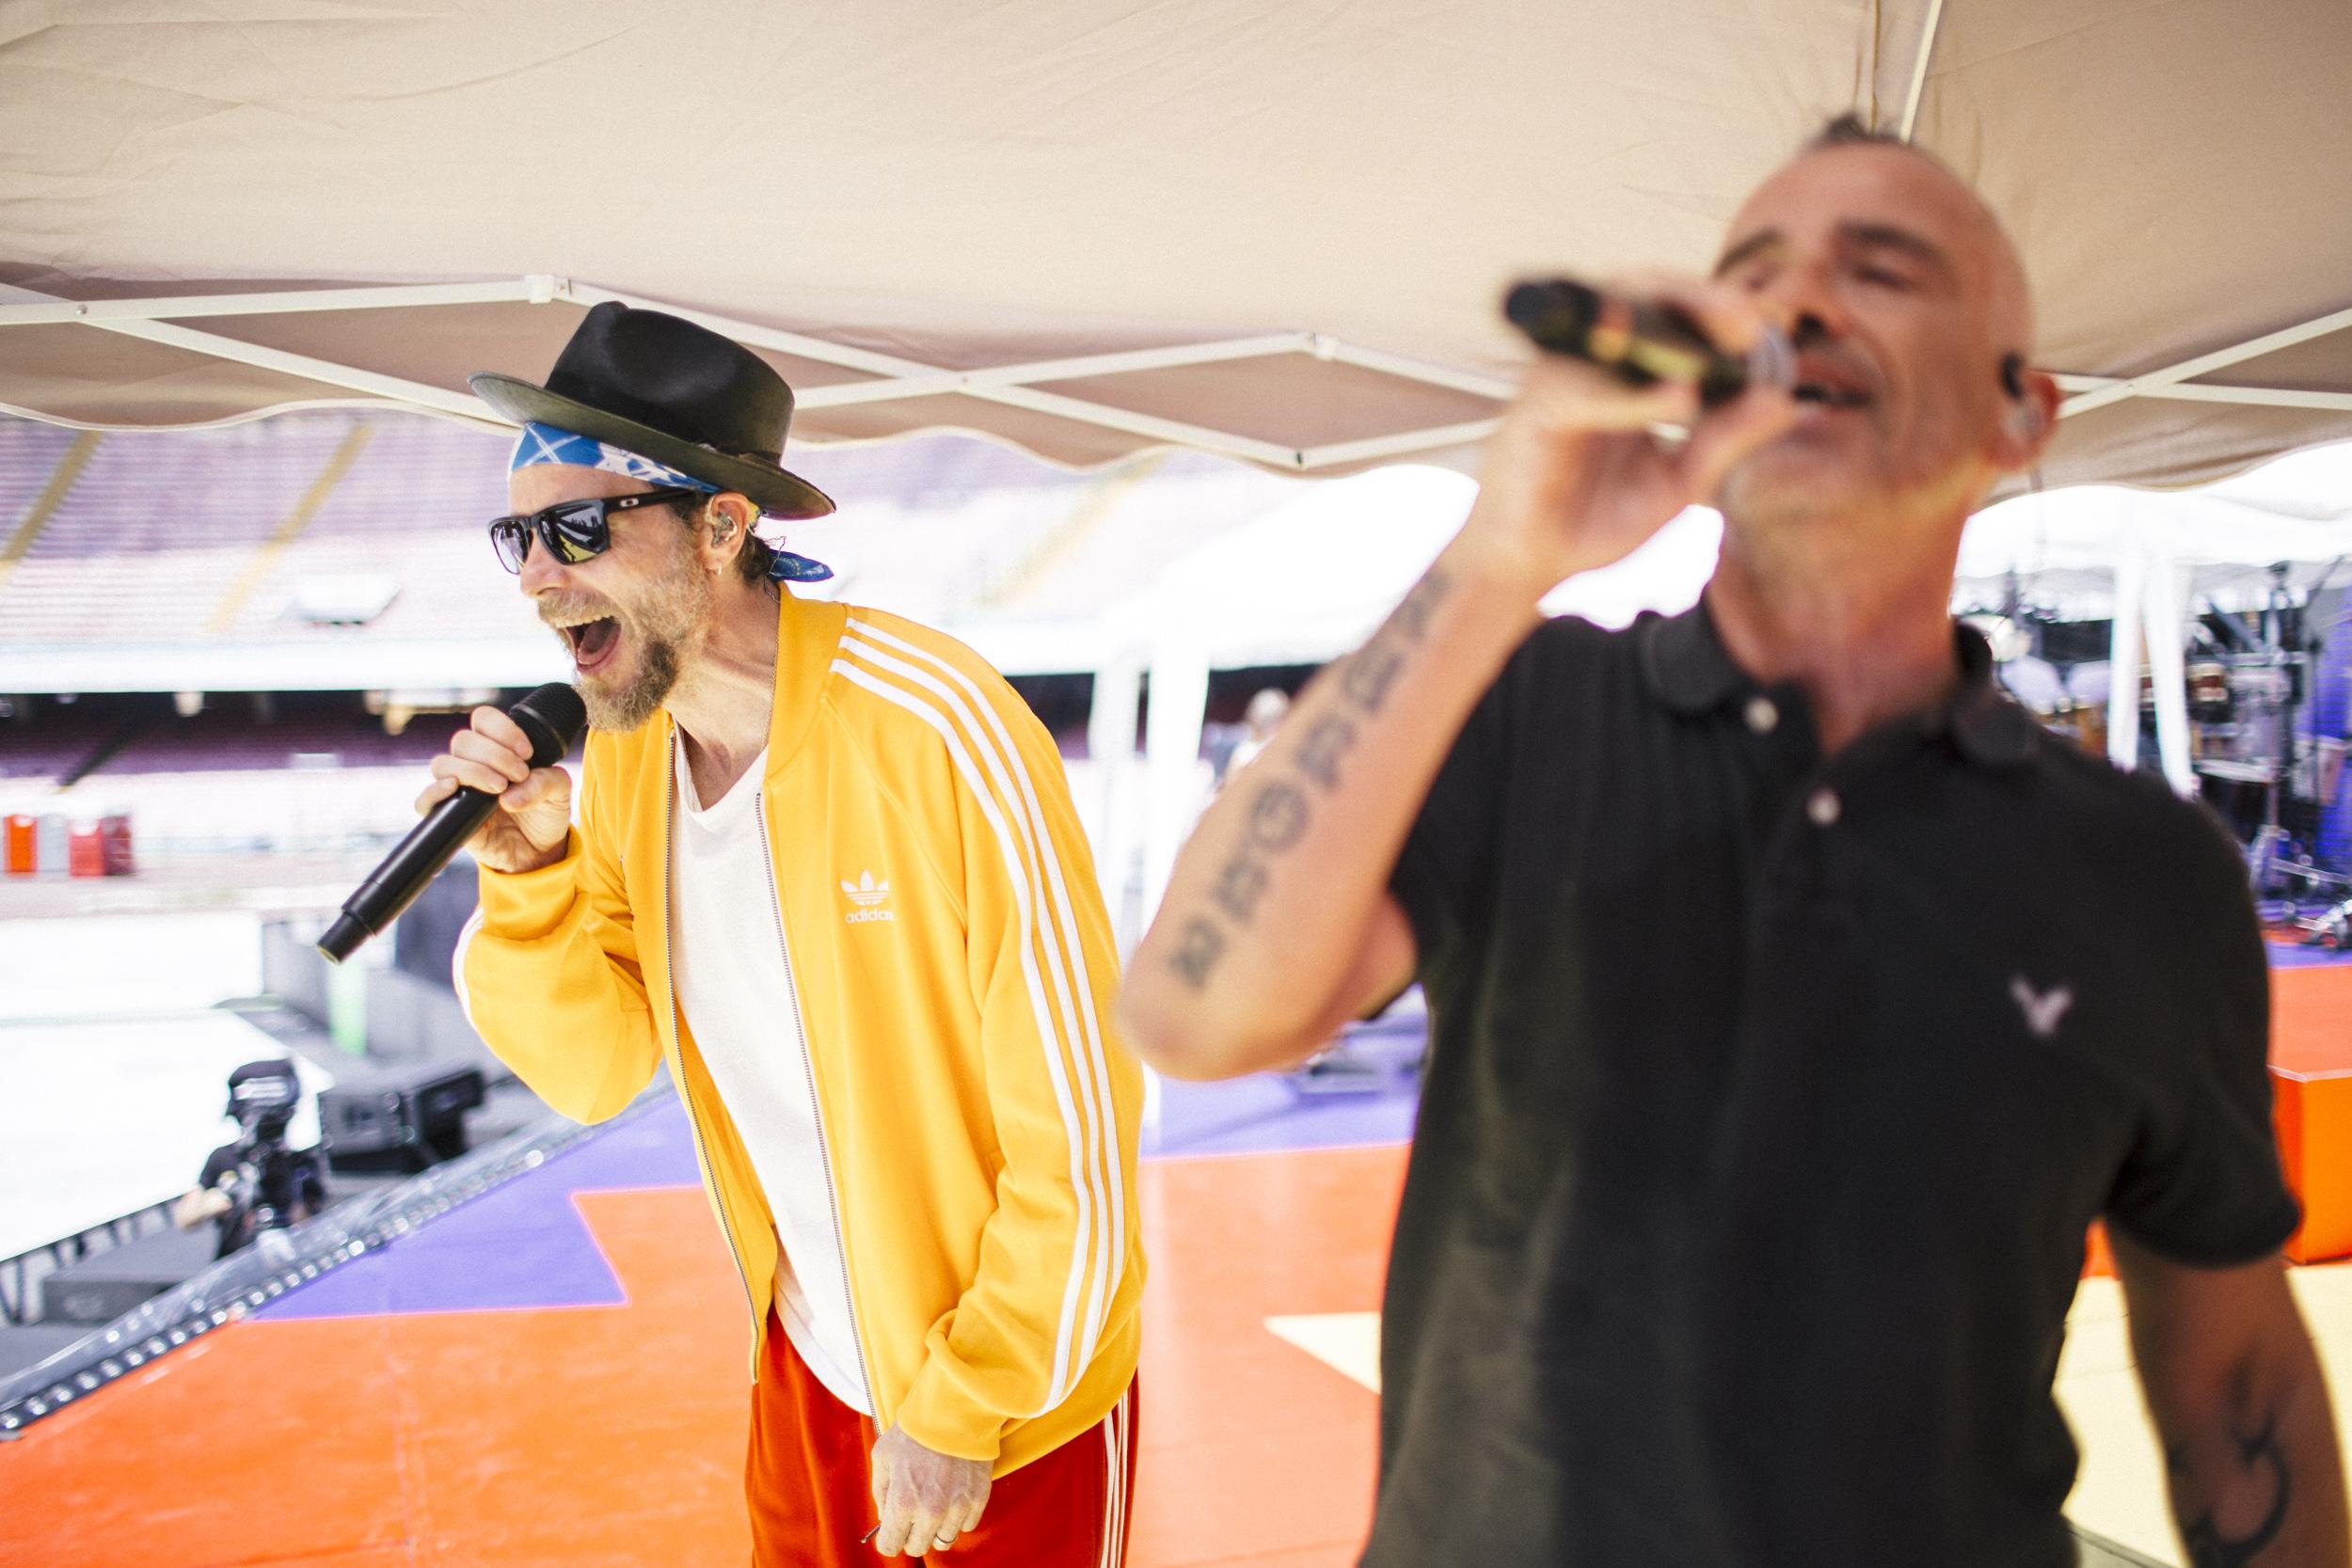 Jovanotti ed Eros Ramazzotti durante le prove dell'omaggio a Pino Daniele ph Ufficio stampa Goigest